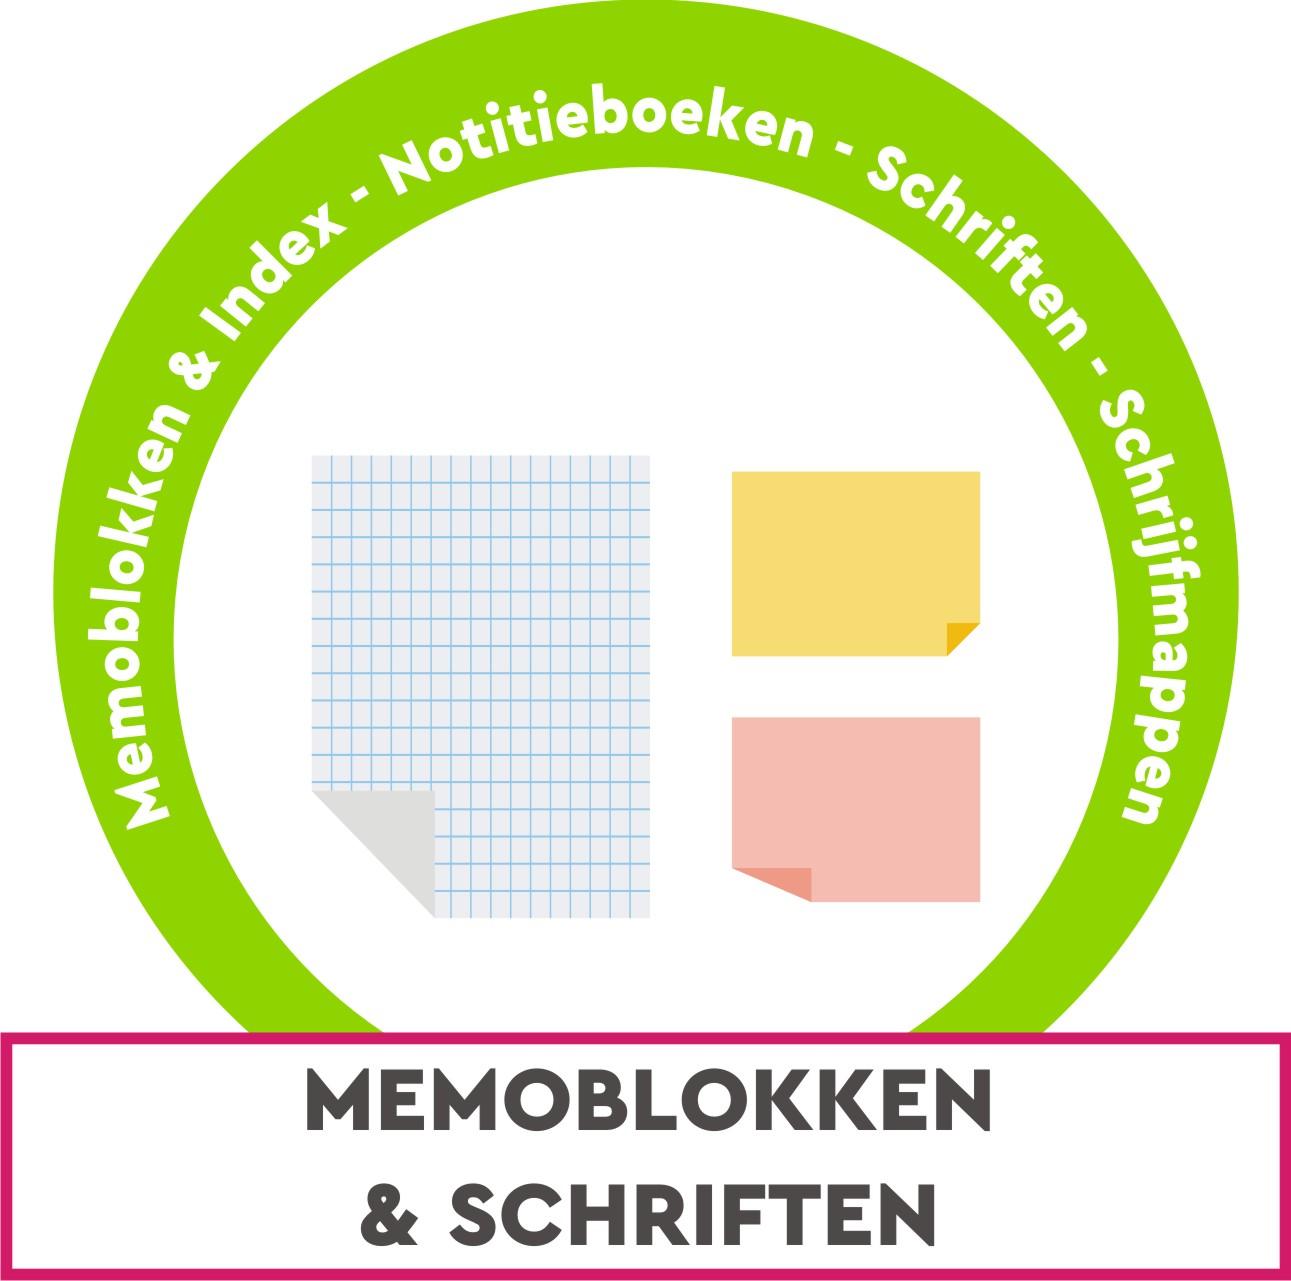 Memoblokken, index, notitie, schriften, cursusblokken, klemplaten, registers, formulieren, ...